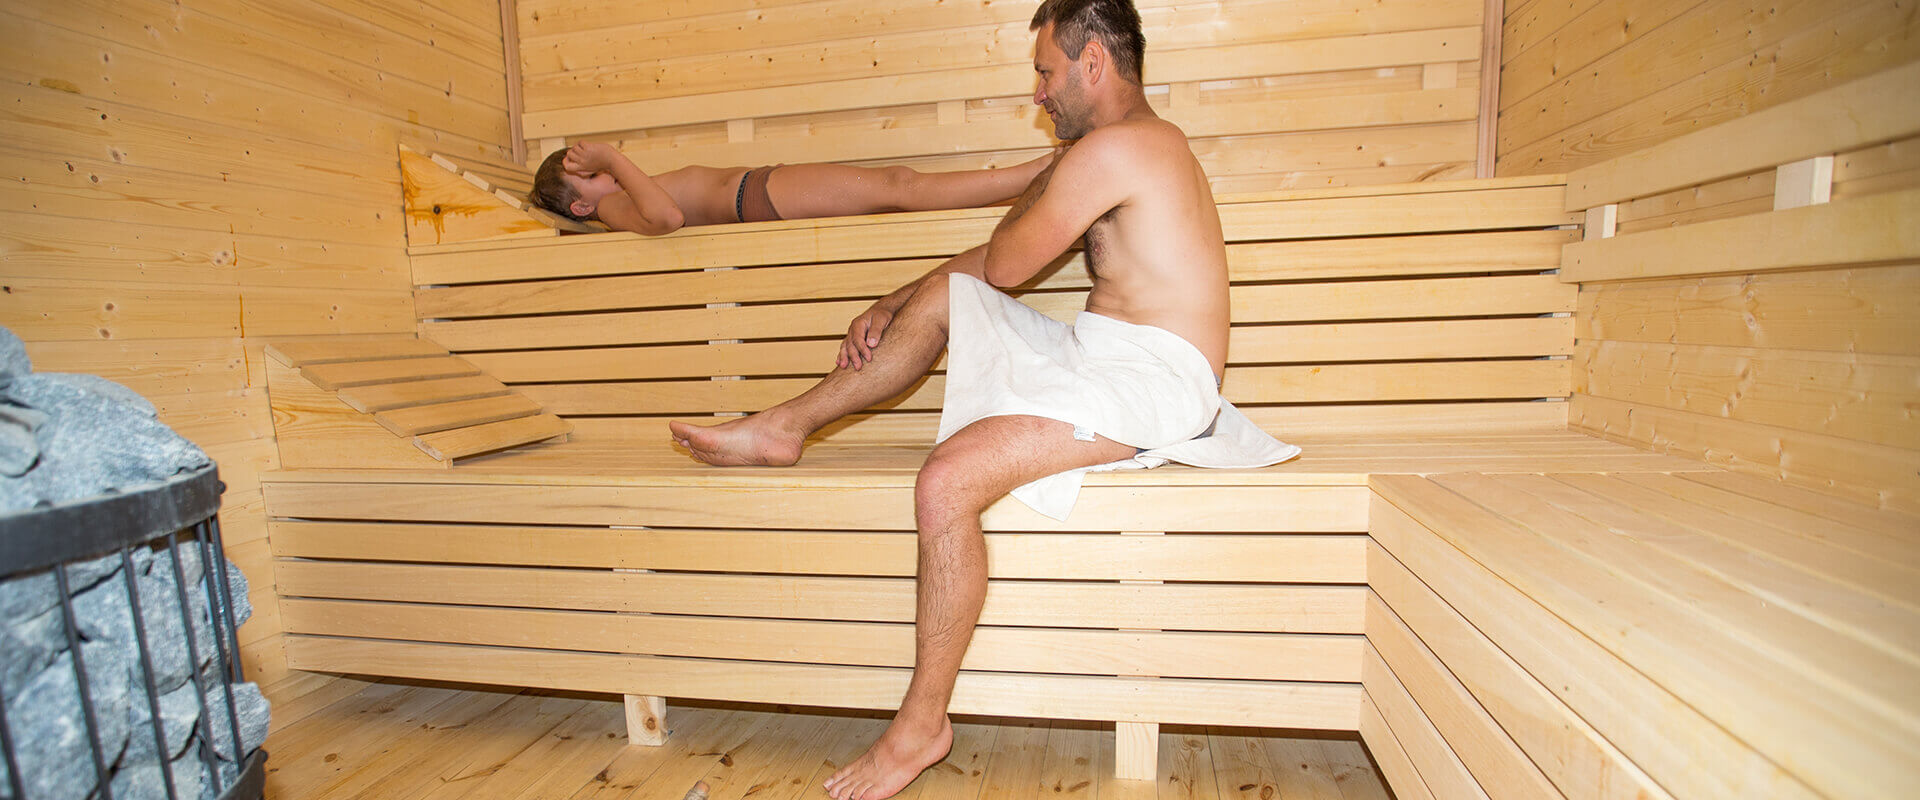 Najlepszy relaks w Hotelu w Bieszczadach